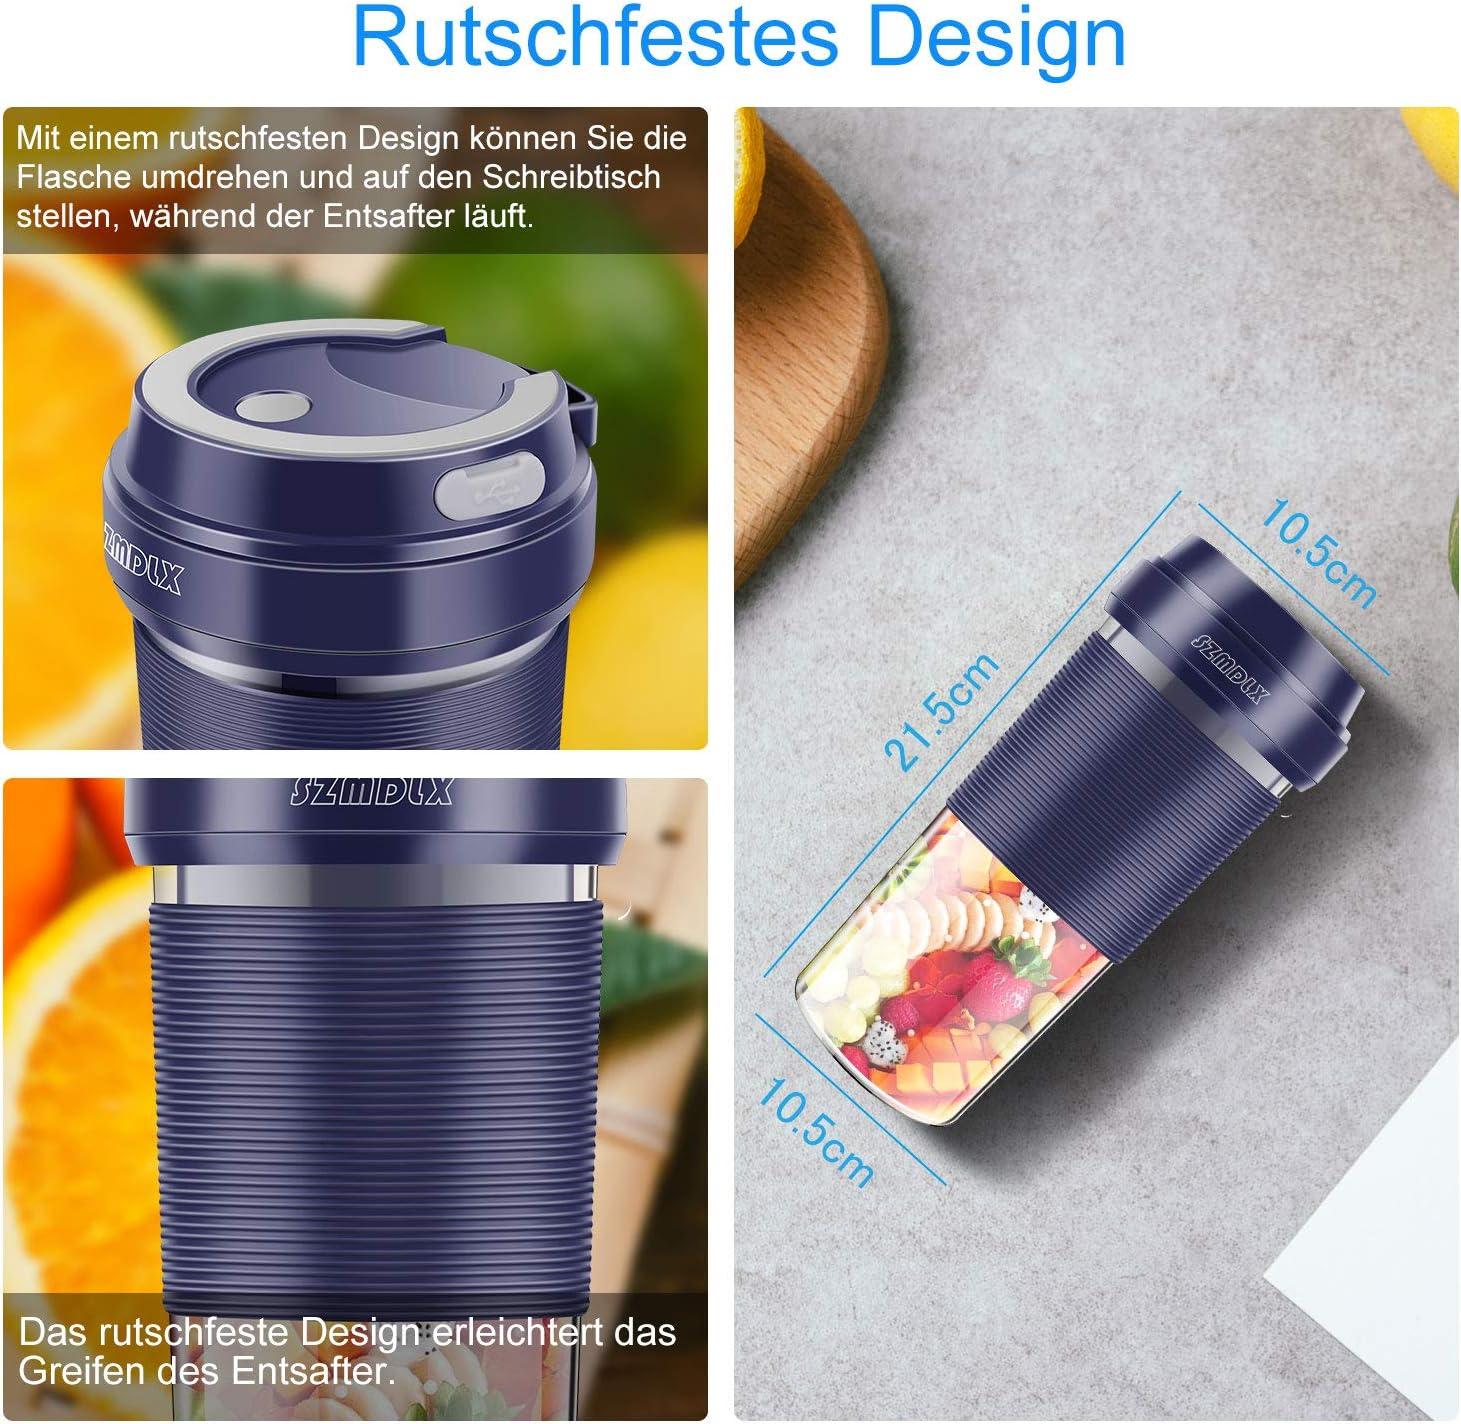 300ml Tragbarer Mixer Smoothie Maker Tragbar Entsafter Blender f/ür Milkshake Smoothie Baby Nachrung f/ür Sport Haushalt BPA-Frei Reise SZMDLX Mini Standmixer Juicer mit USB Wiederaufladbare